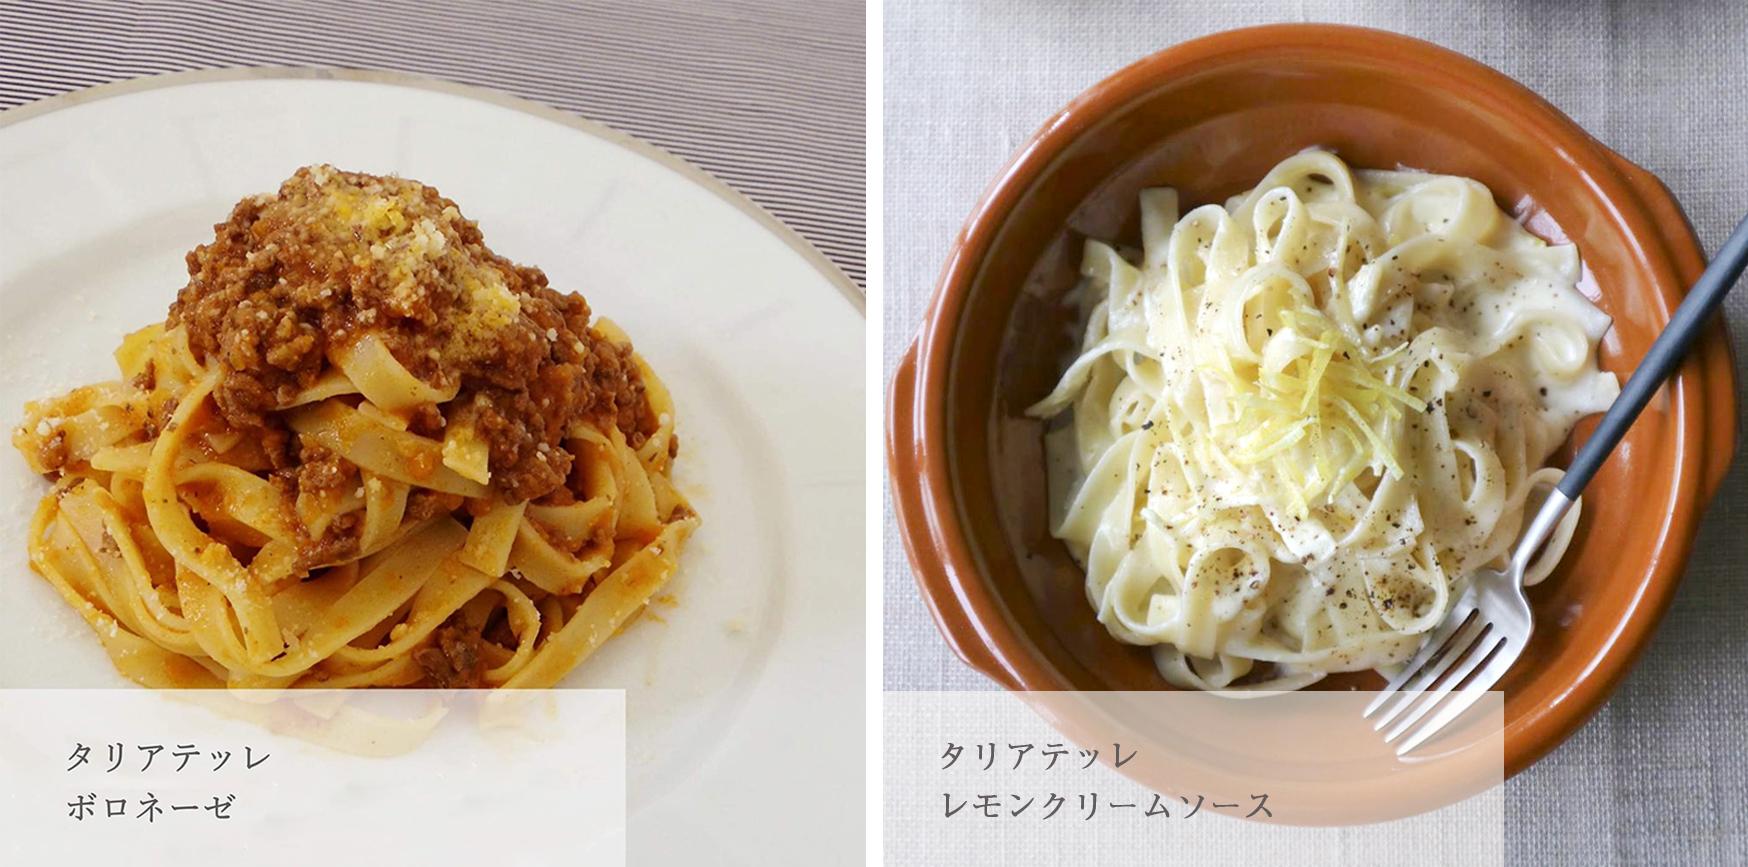 https://gelato-naturale.com/wp-content/uploads/2021/03/pasta-cream.jpg